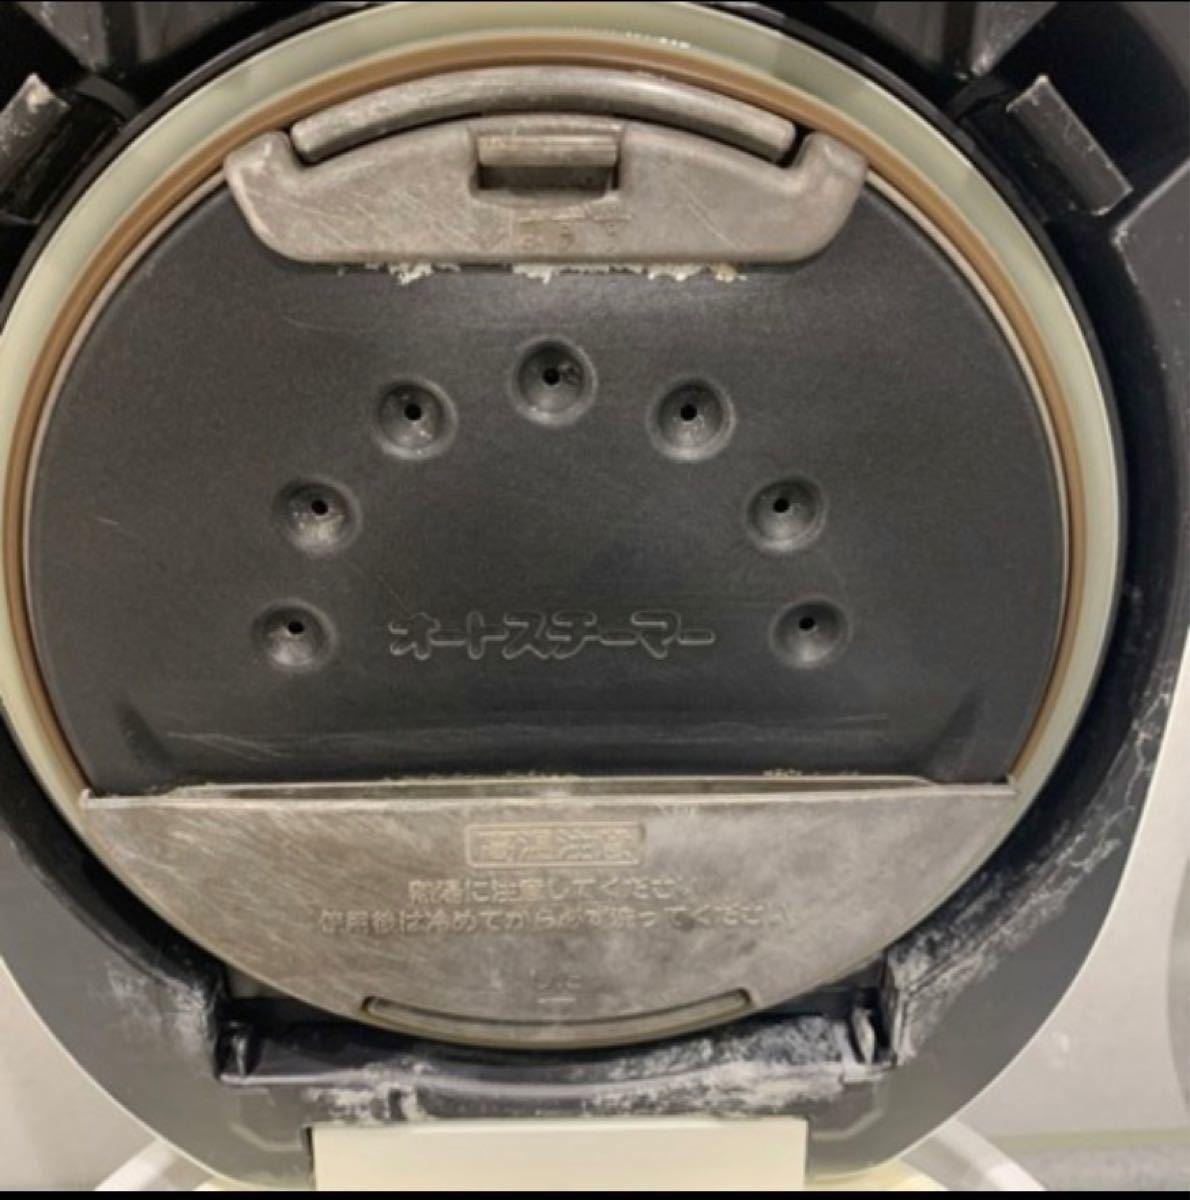 HITACHI 炊飯器 パールホワイト 圧力&スチーム IH 黒厚鉄釜